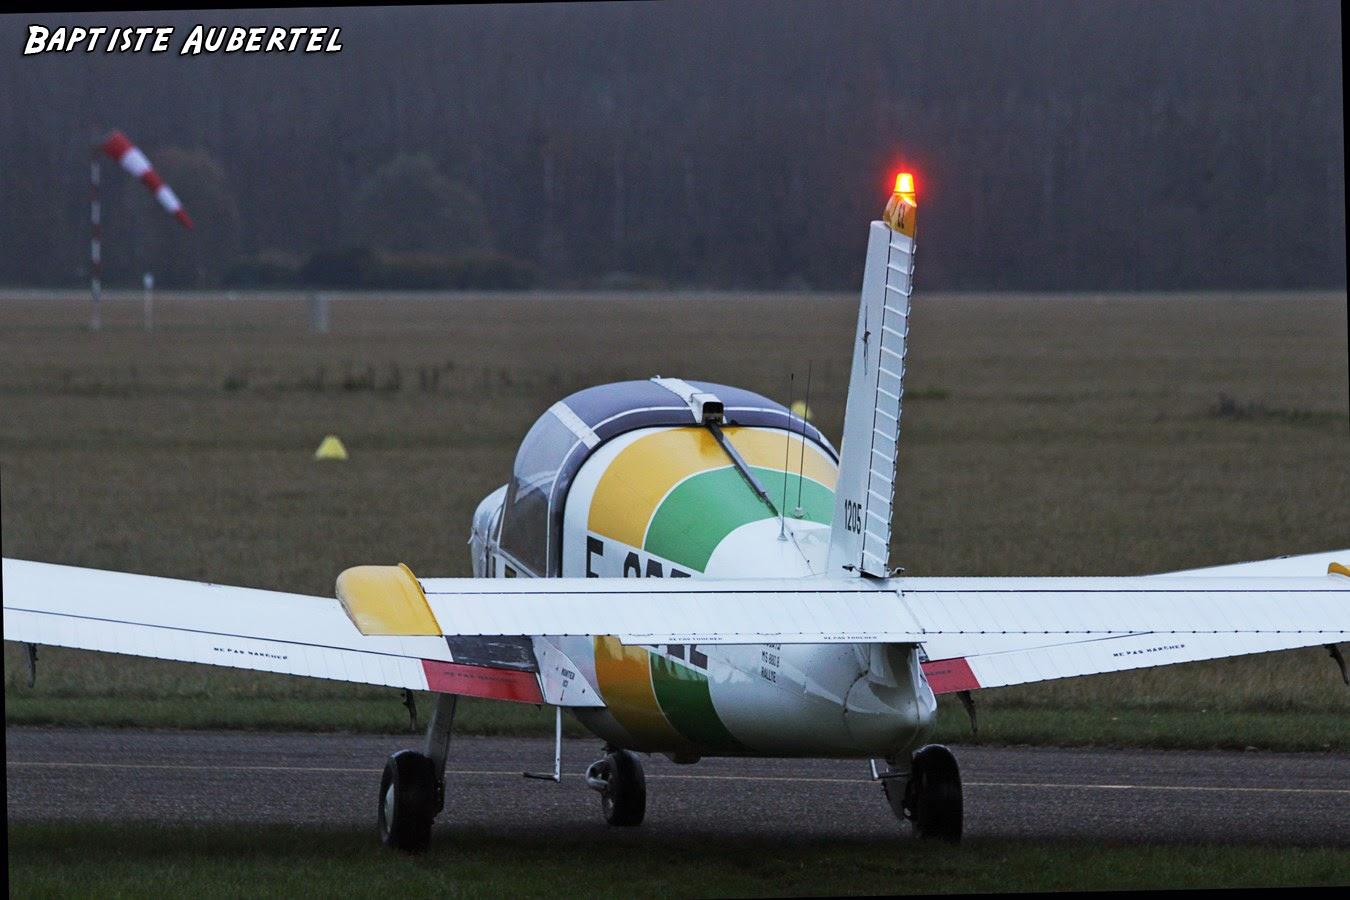 Aérodrome Montbéliard LFSM